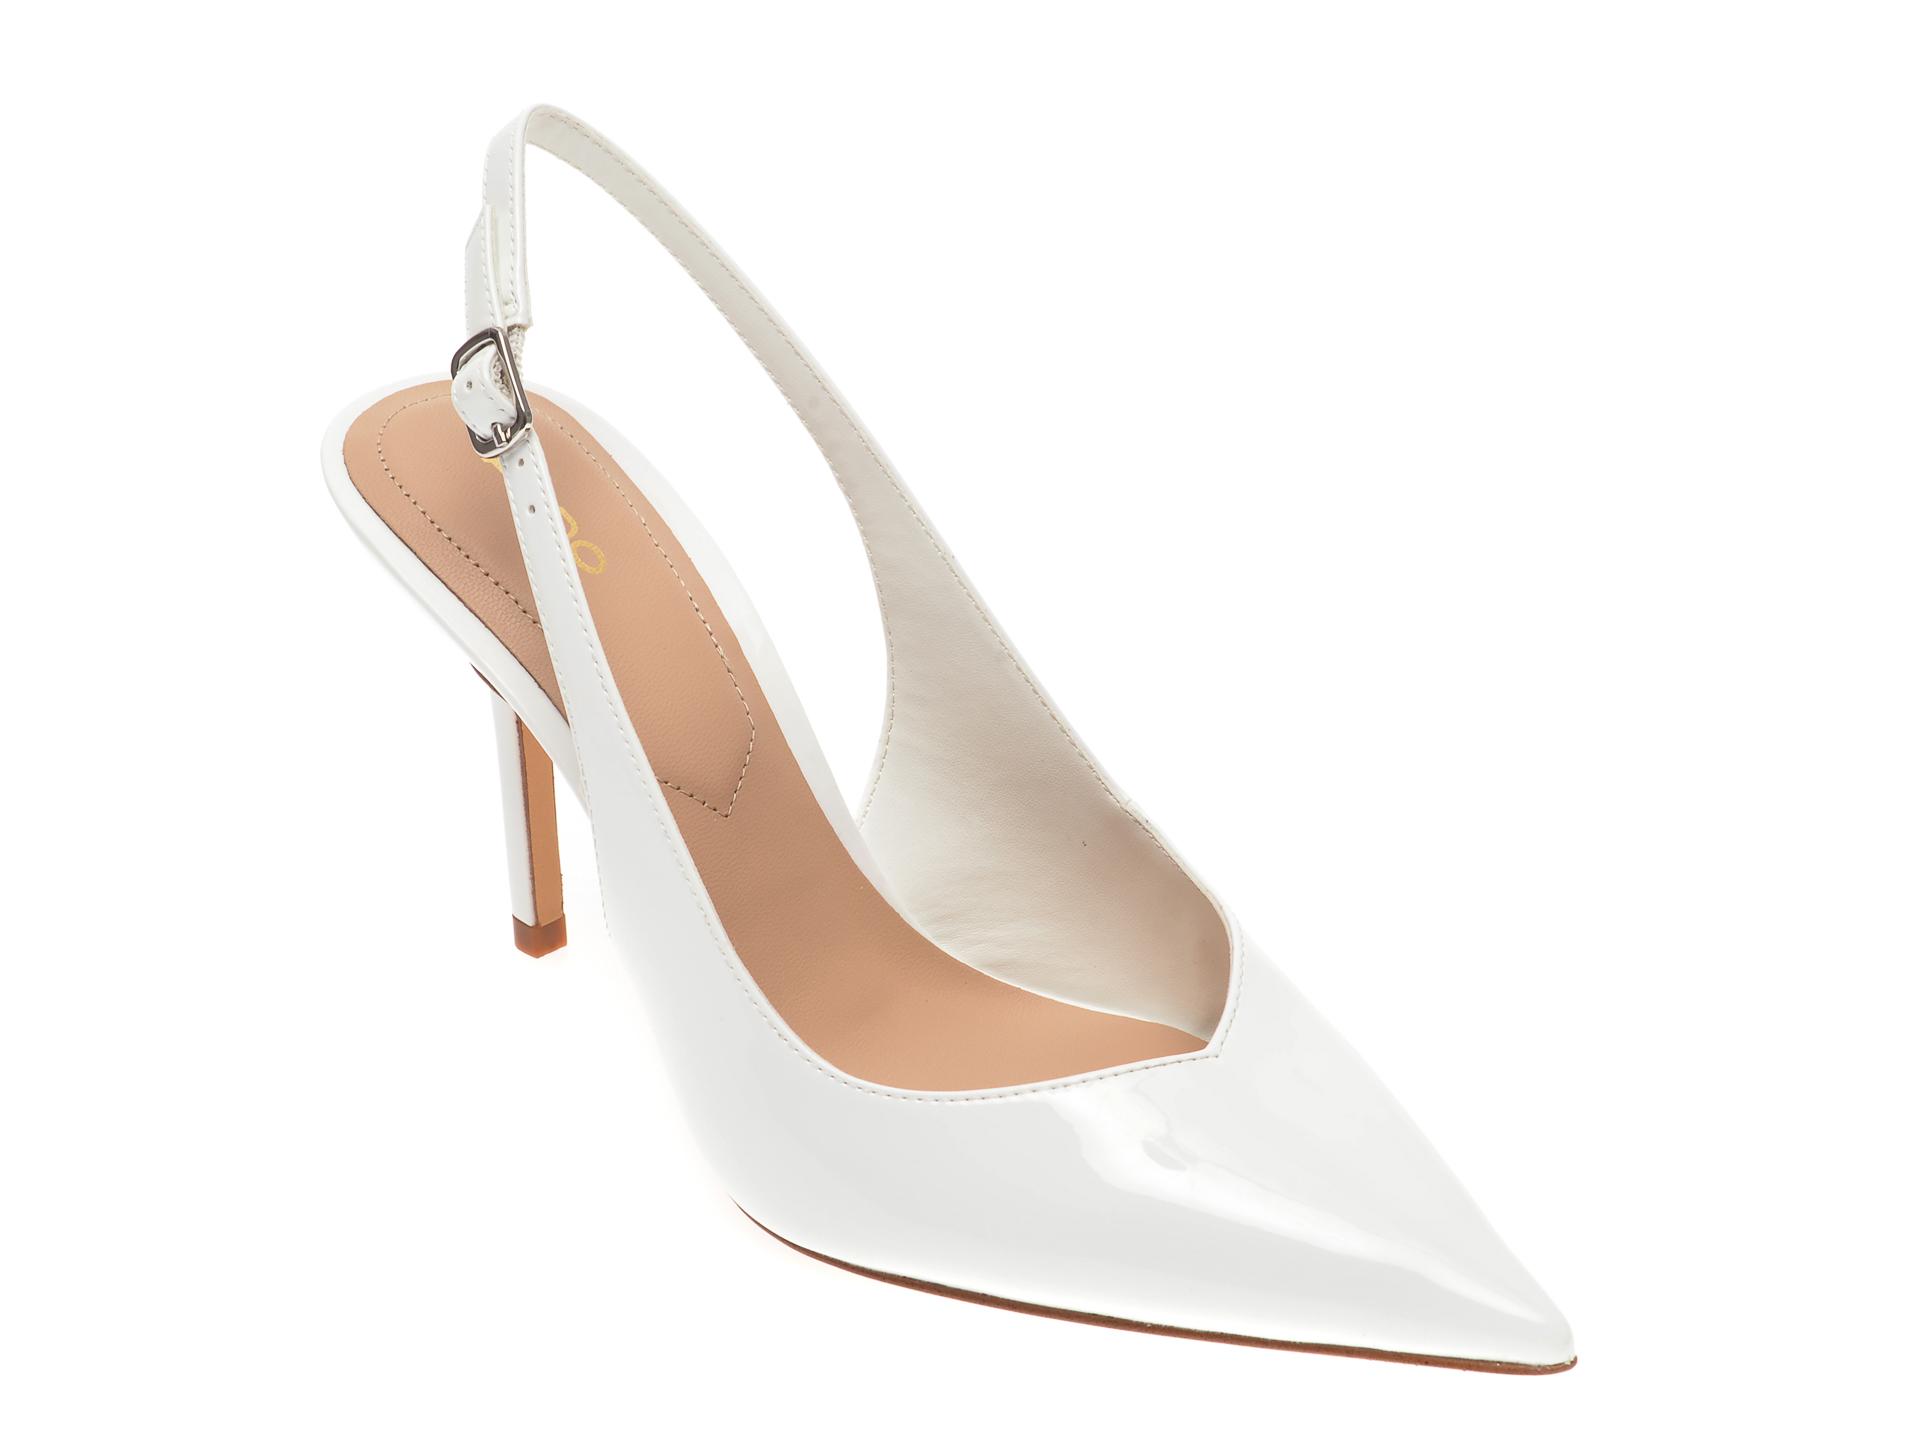 Pantofi ALDO albi, Julietta100, din piele ecologica imagine otter.ro